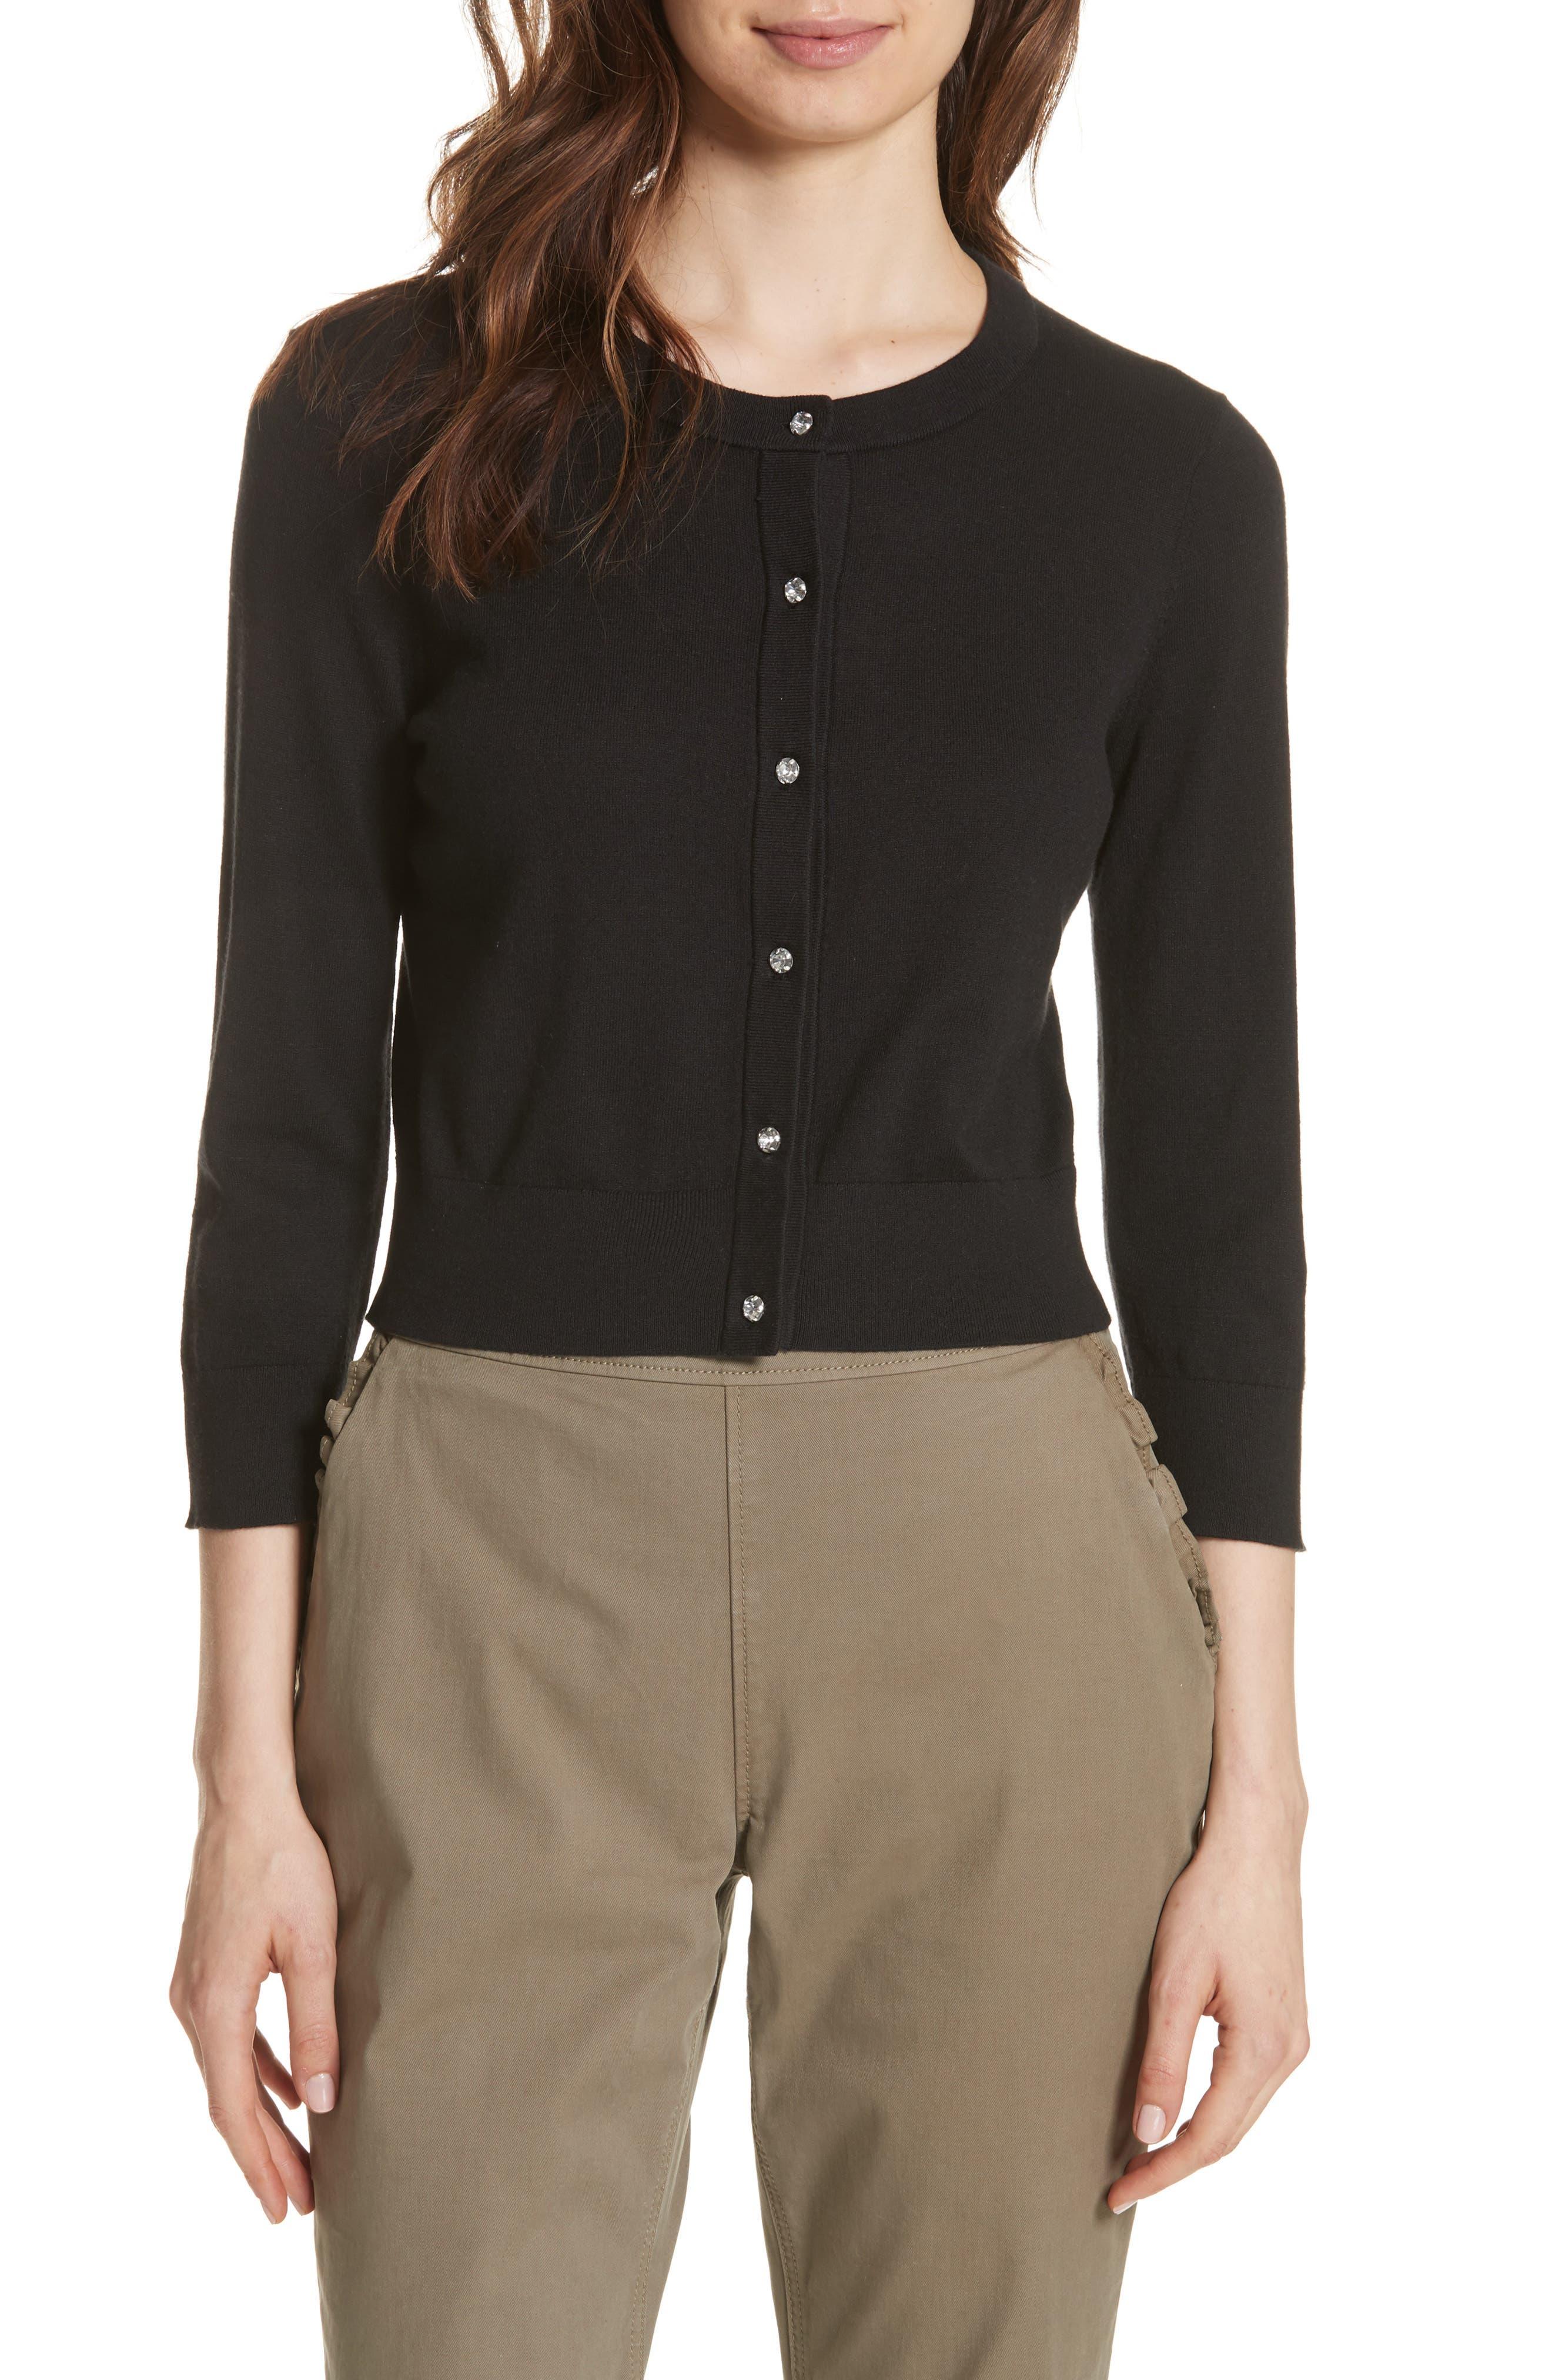 jewel button crop cardigan,                         Main,                         color, BLACK